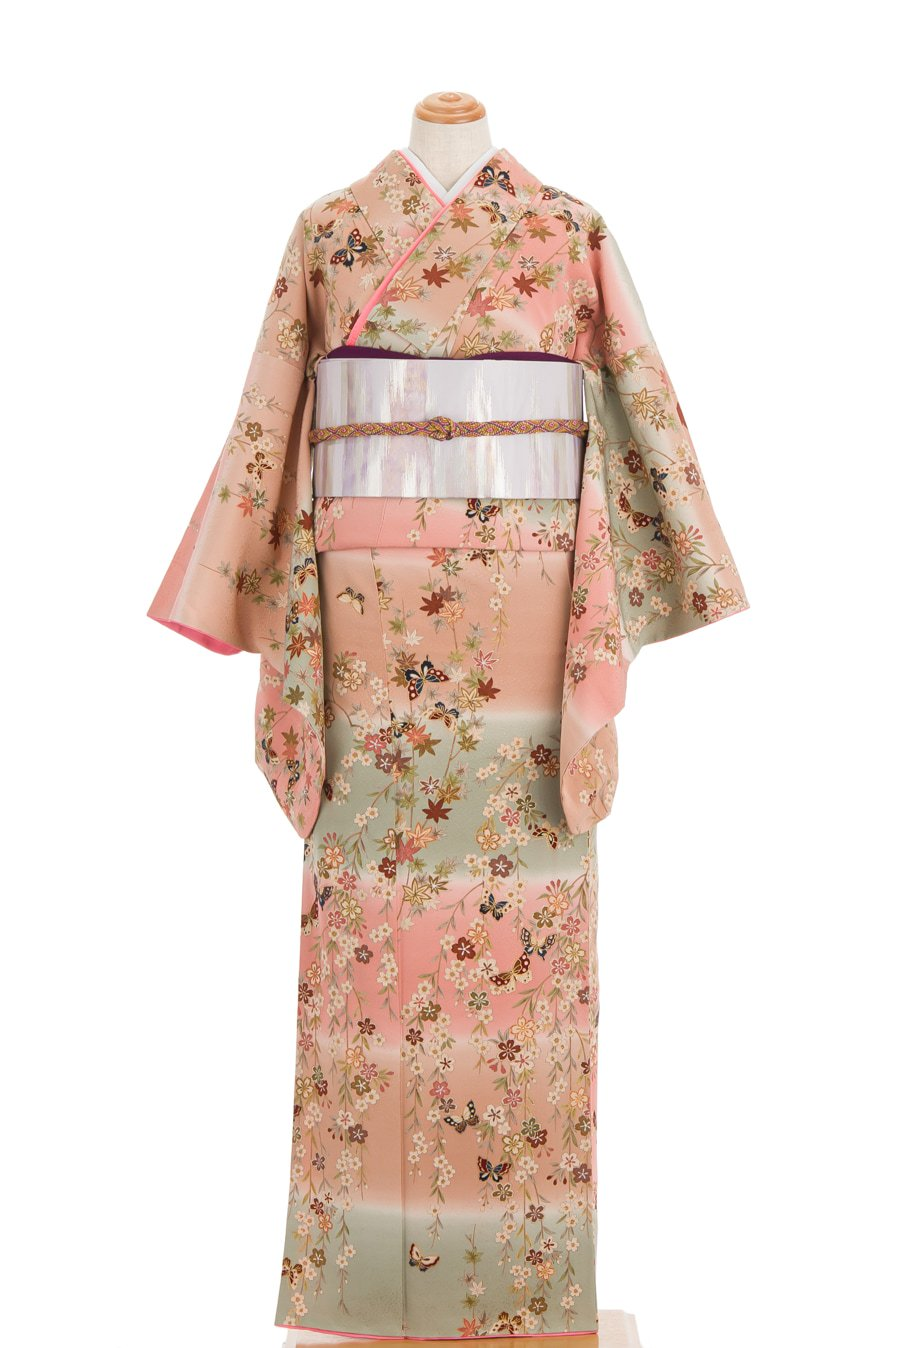 「横段暈しに桜と紅葉」の商品画像